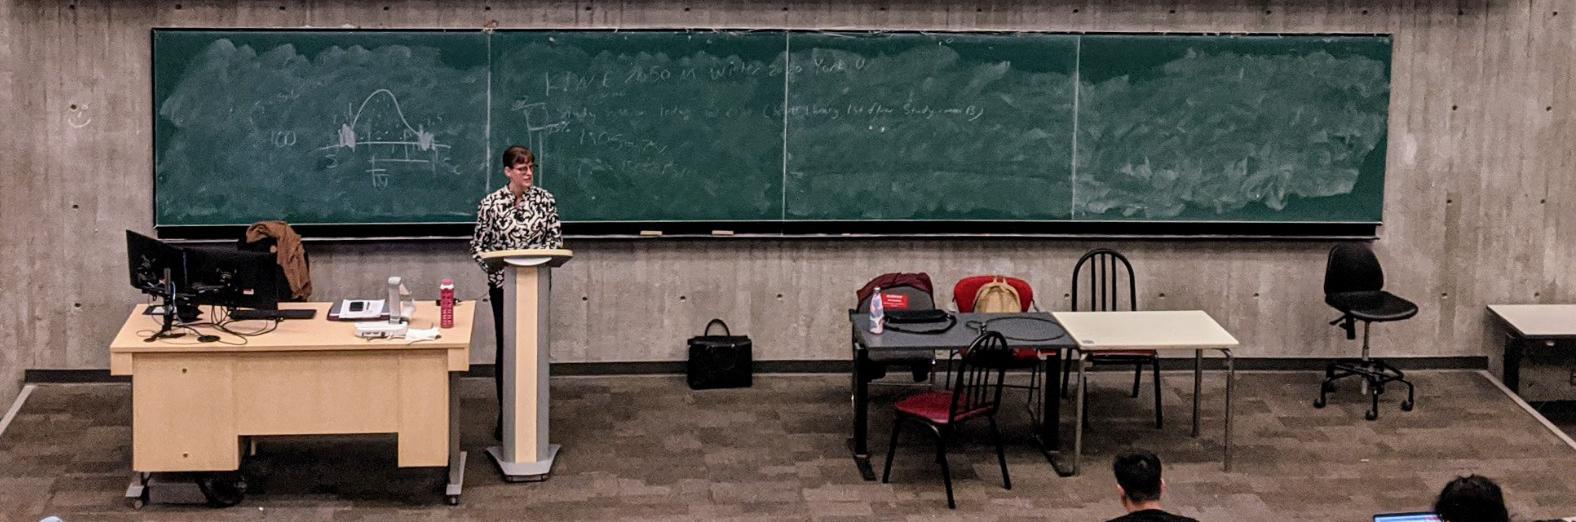 Elizabeth presenting in a University auditorium